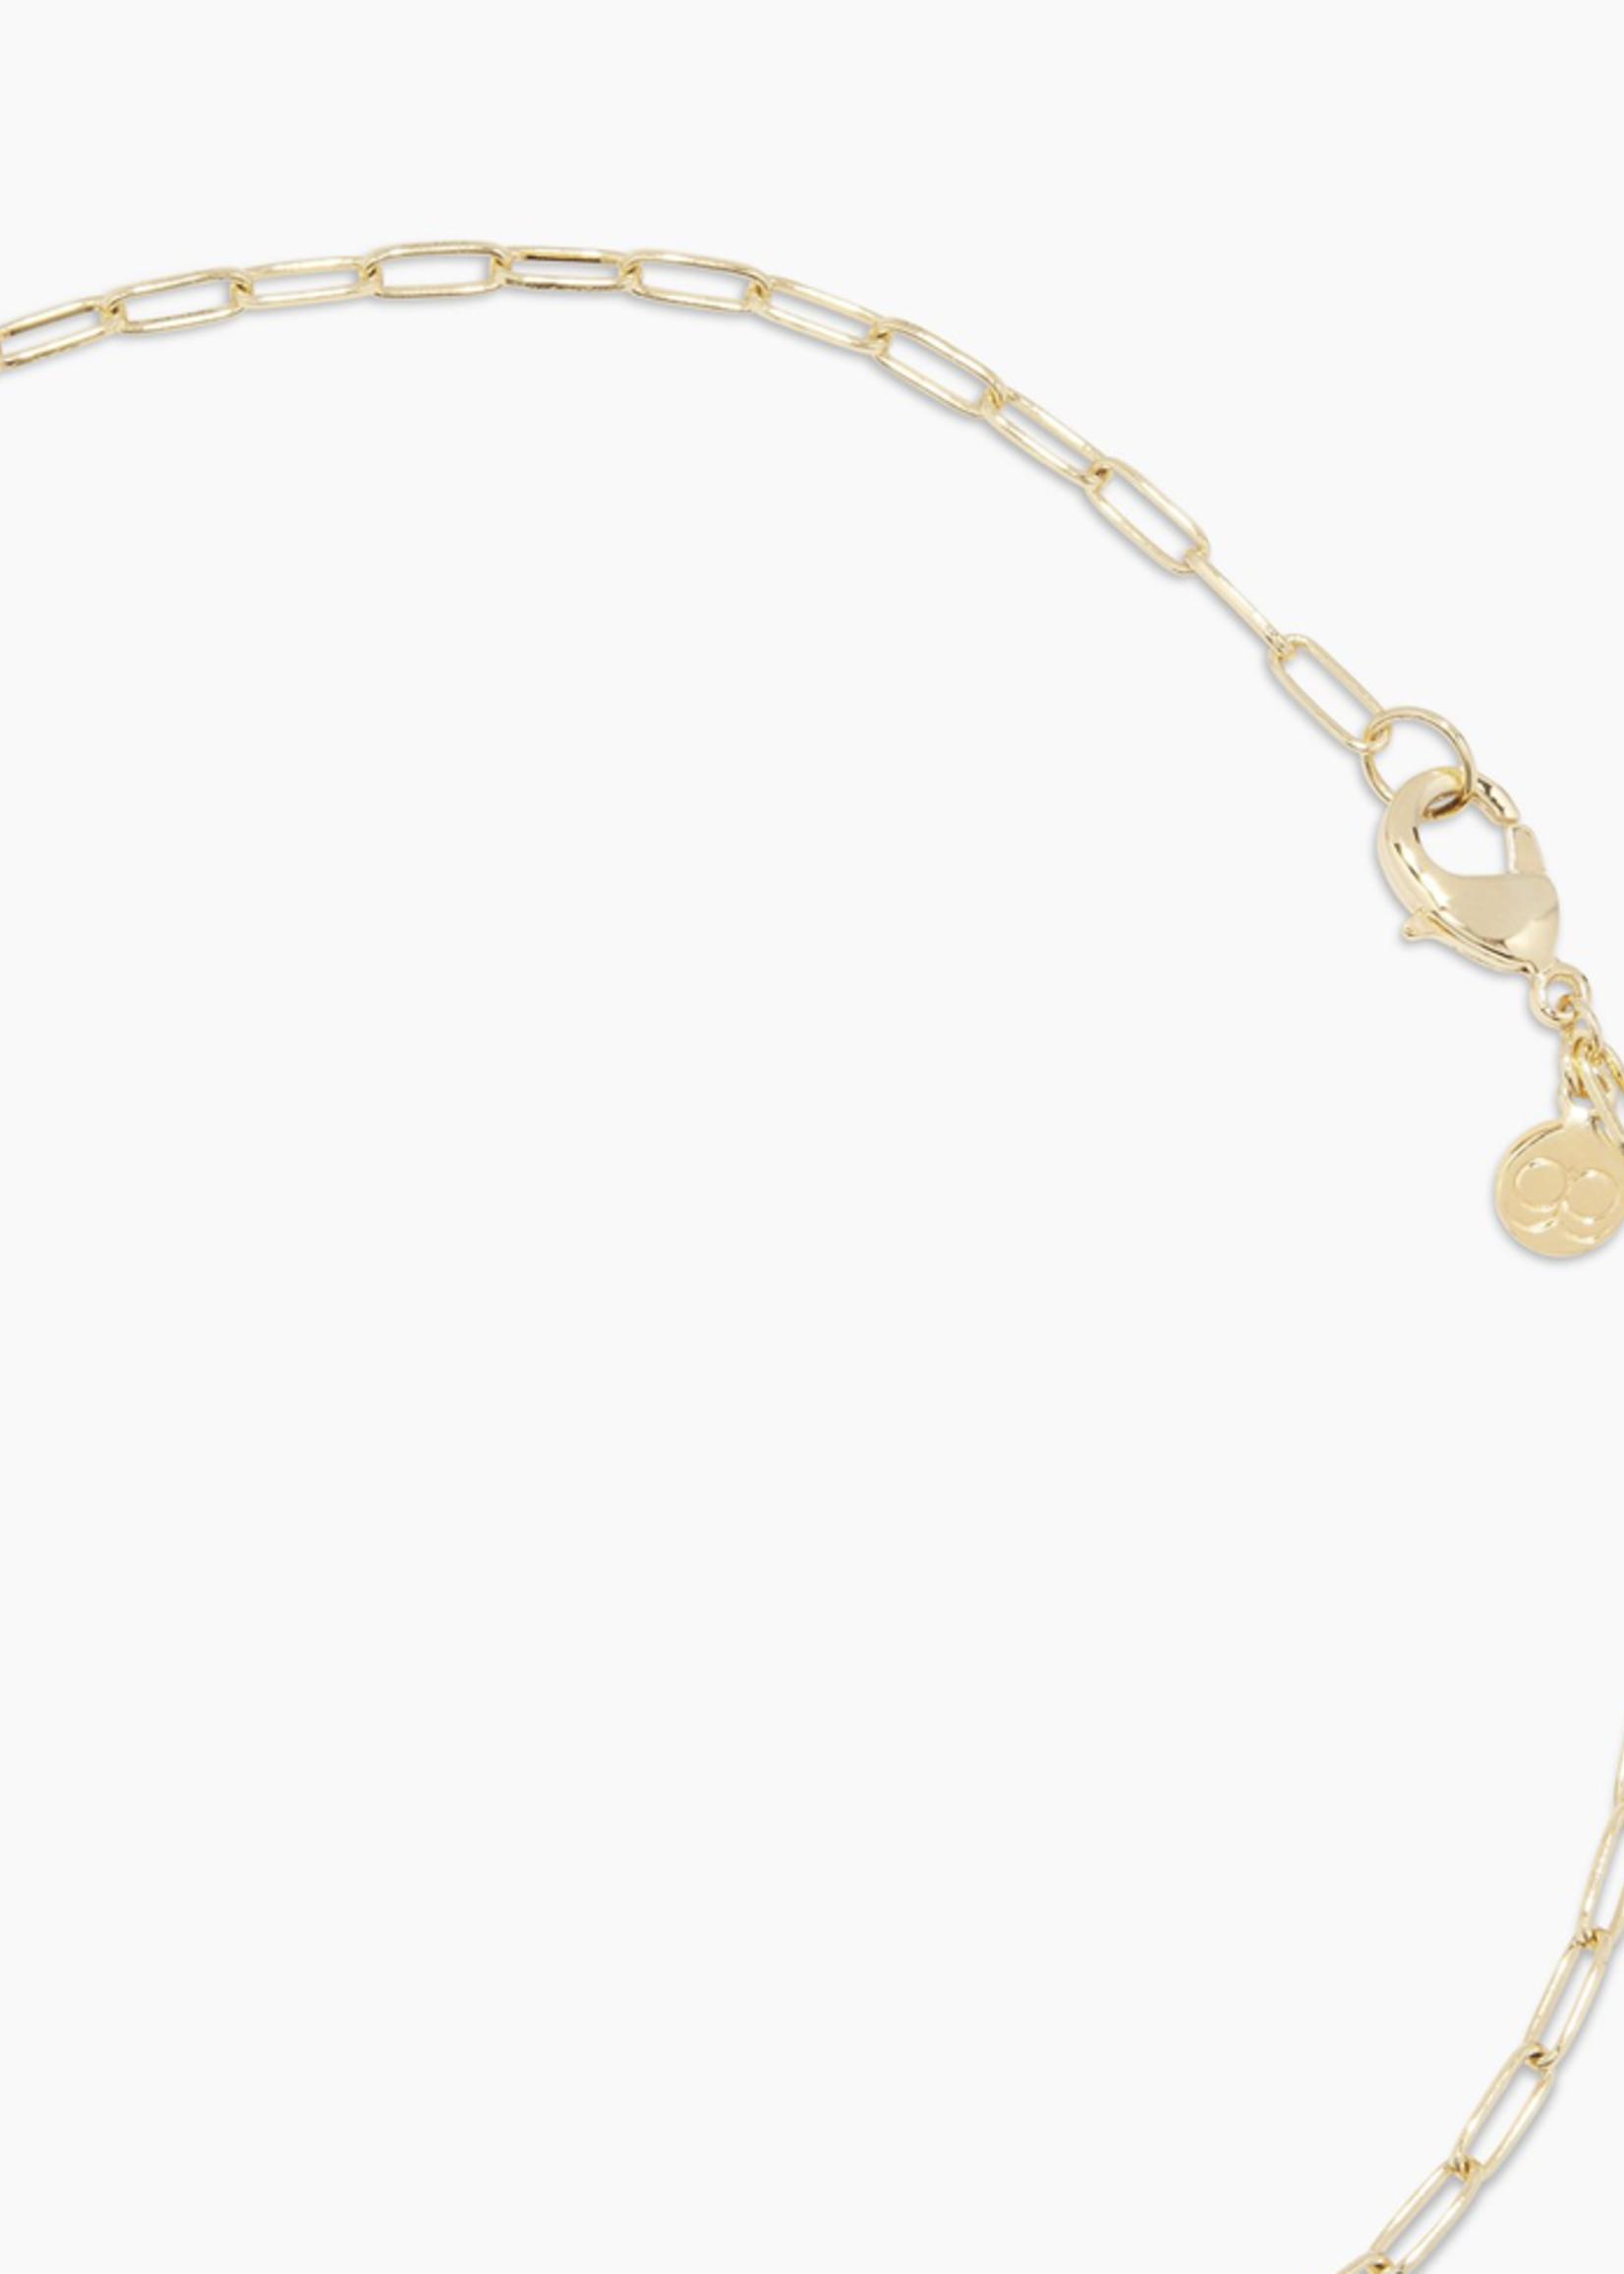 Gorjana Gorjana Kara Padlock Charm Necklace